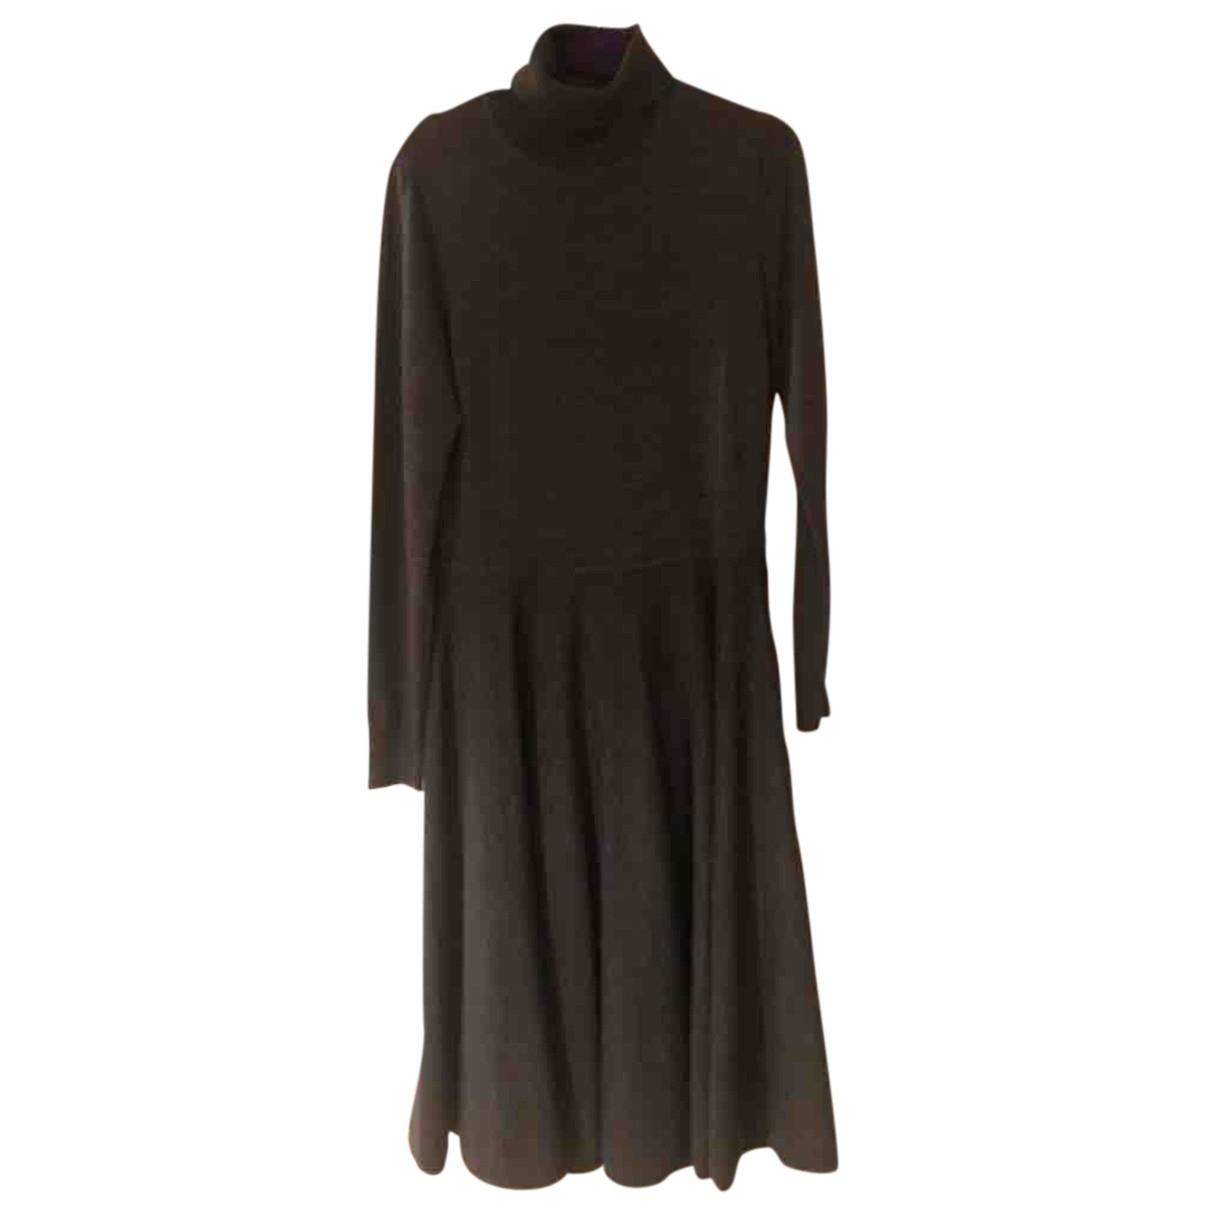 Lauren Ralph Lauren \N Kleid in  Grau Wolle